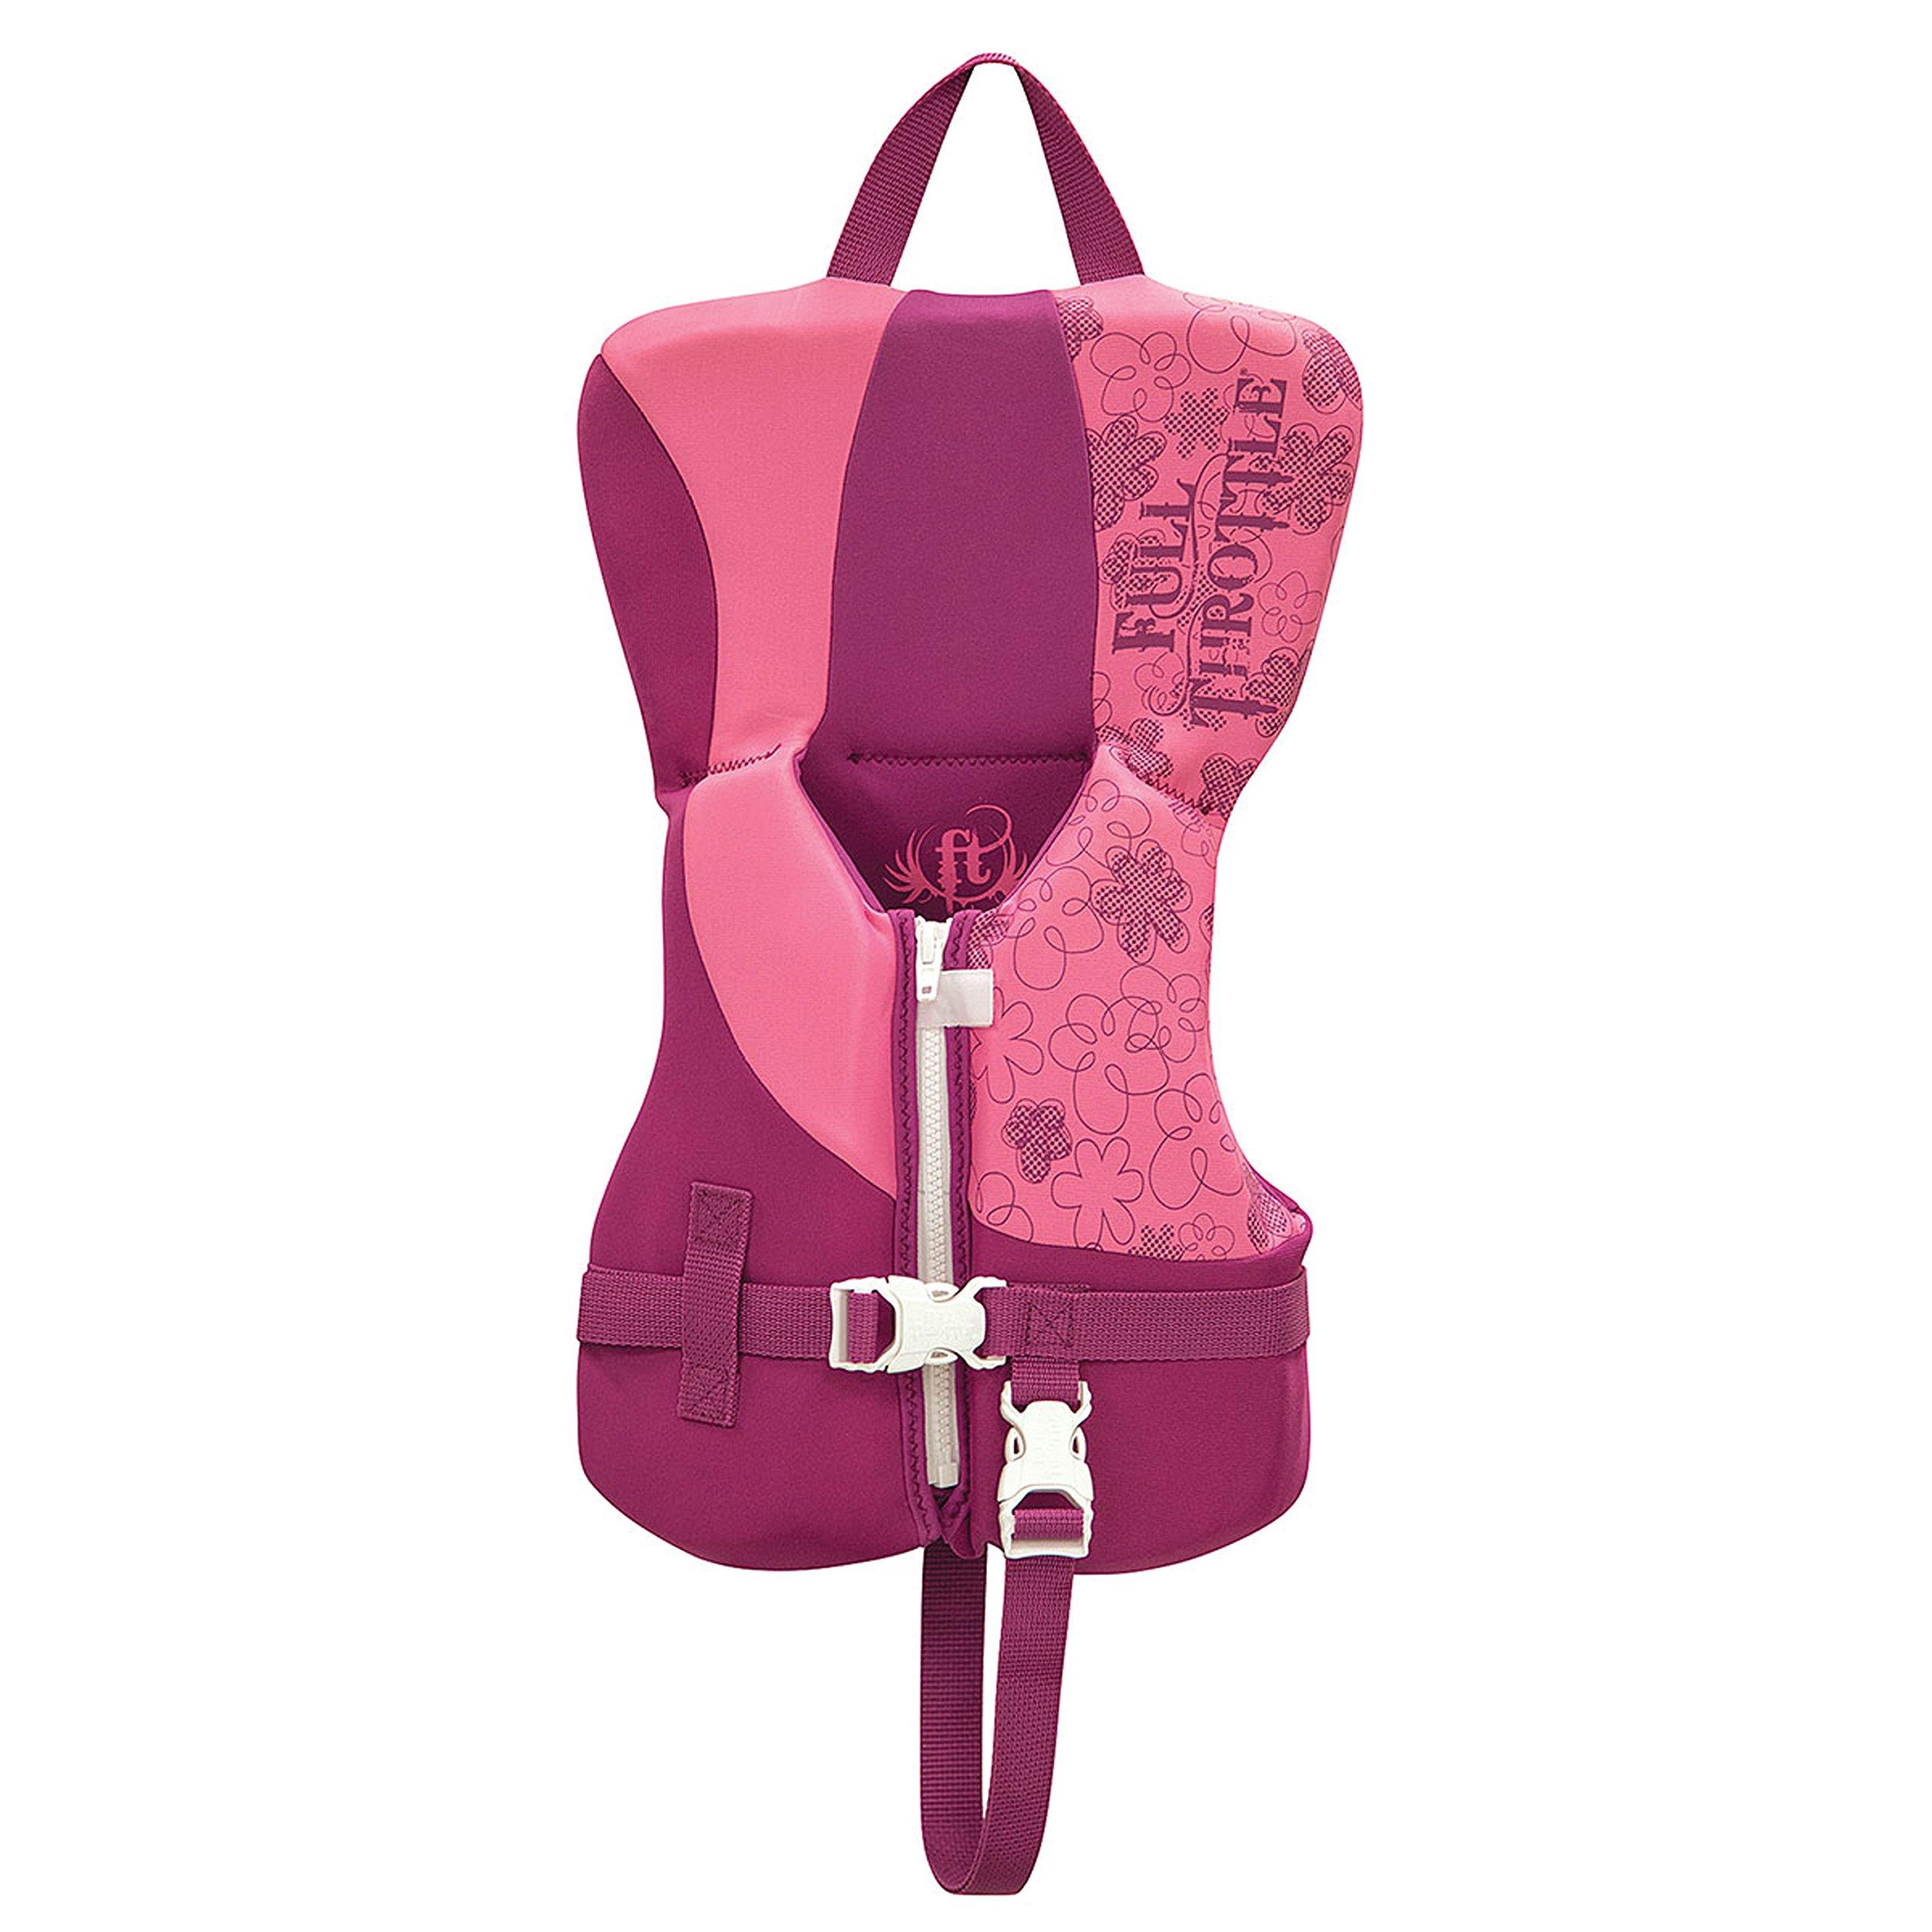 Full Throttle Unisex-Baby 142100-105-000-16 Rapid-Dry Life Vest-Infant, Pink by Full Throttle